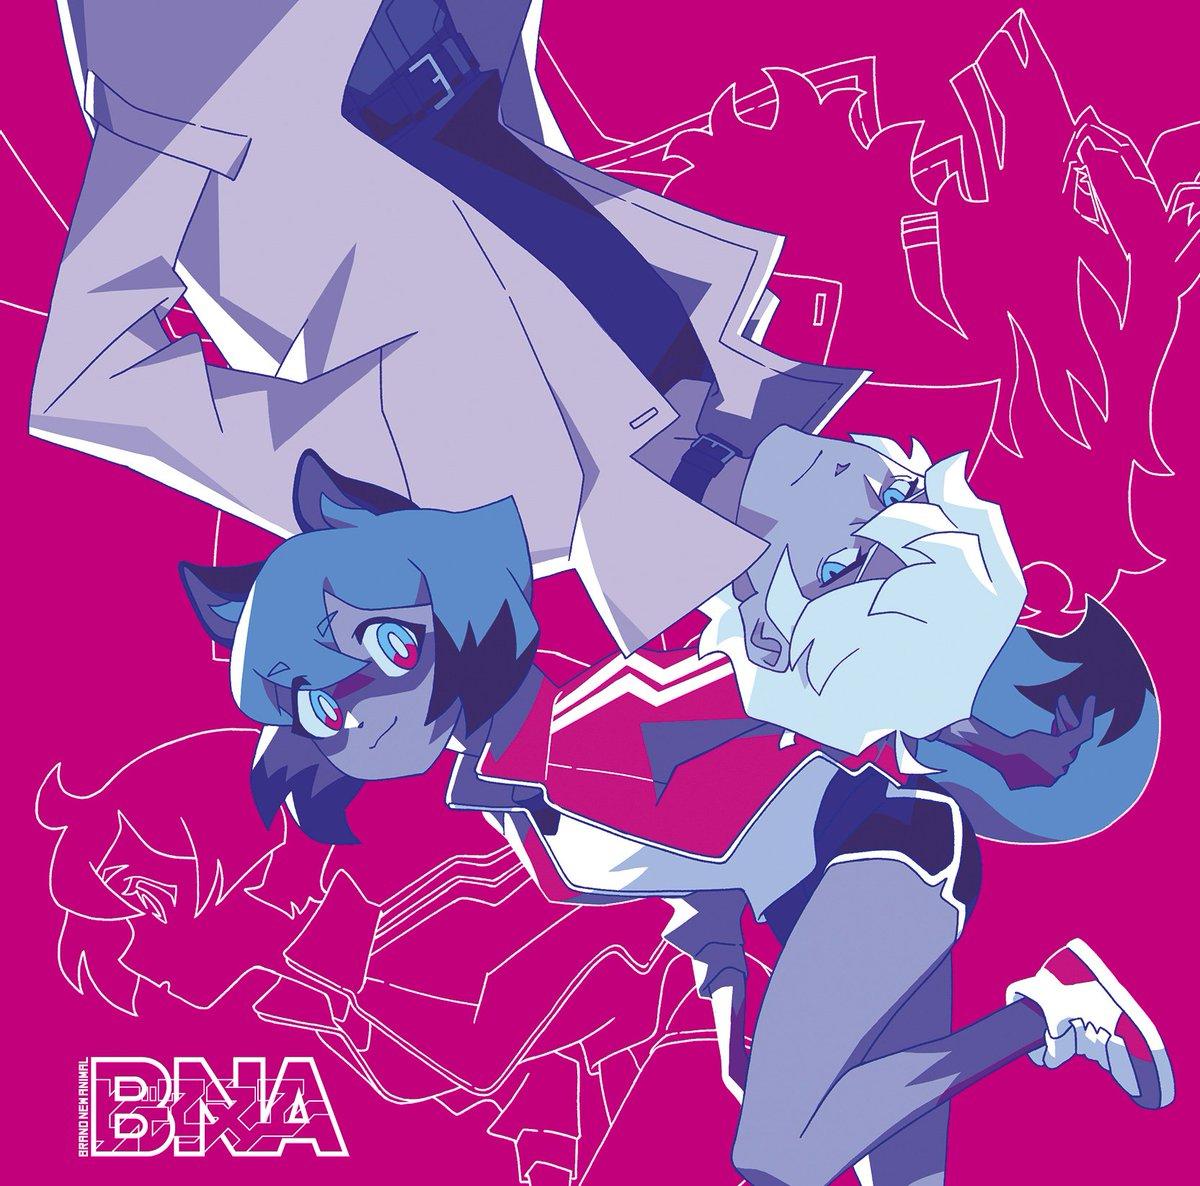 『影森みちる(諸星すみれ) Ready to 歌詞』収録の『アニメ『BNA ビー・エヌ・エー』Complete album』ジャケット